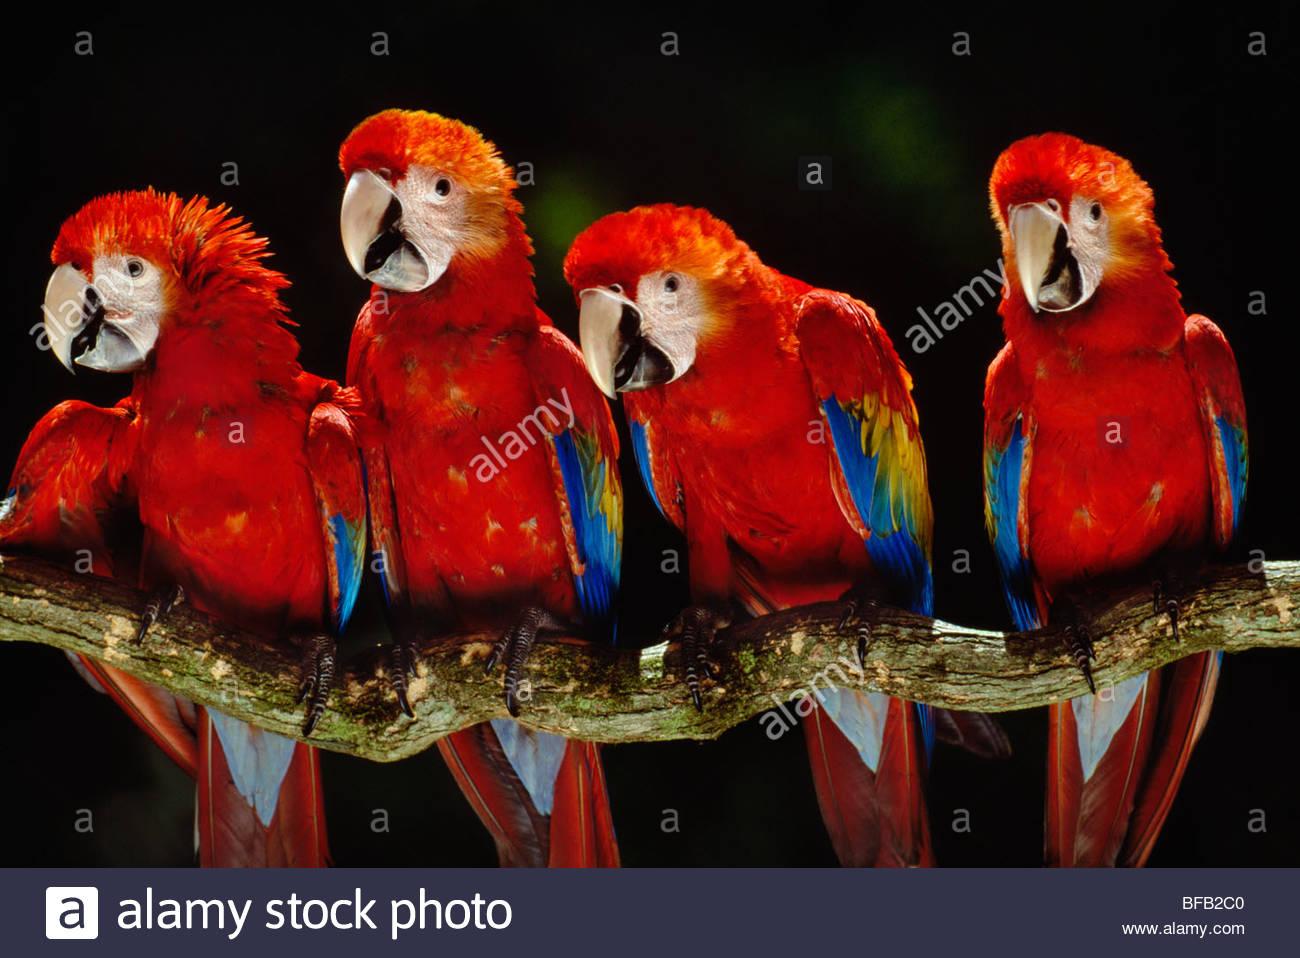 Red-and-green macaws, Ara chloroptera, Manu National Park, Peru - Stock Image